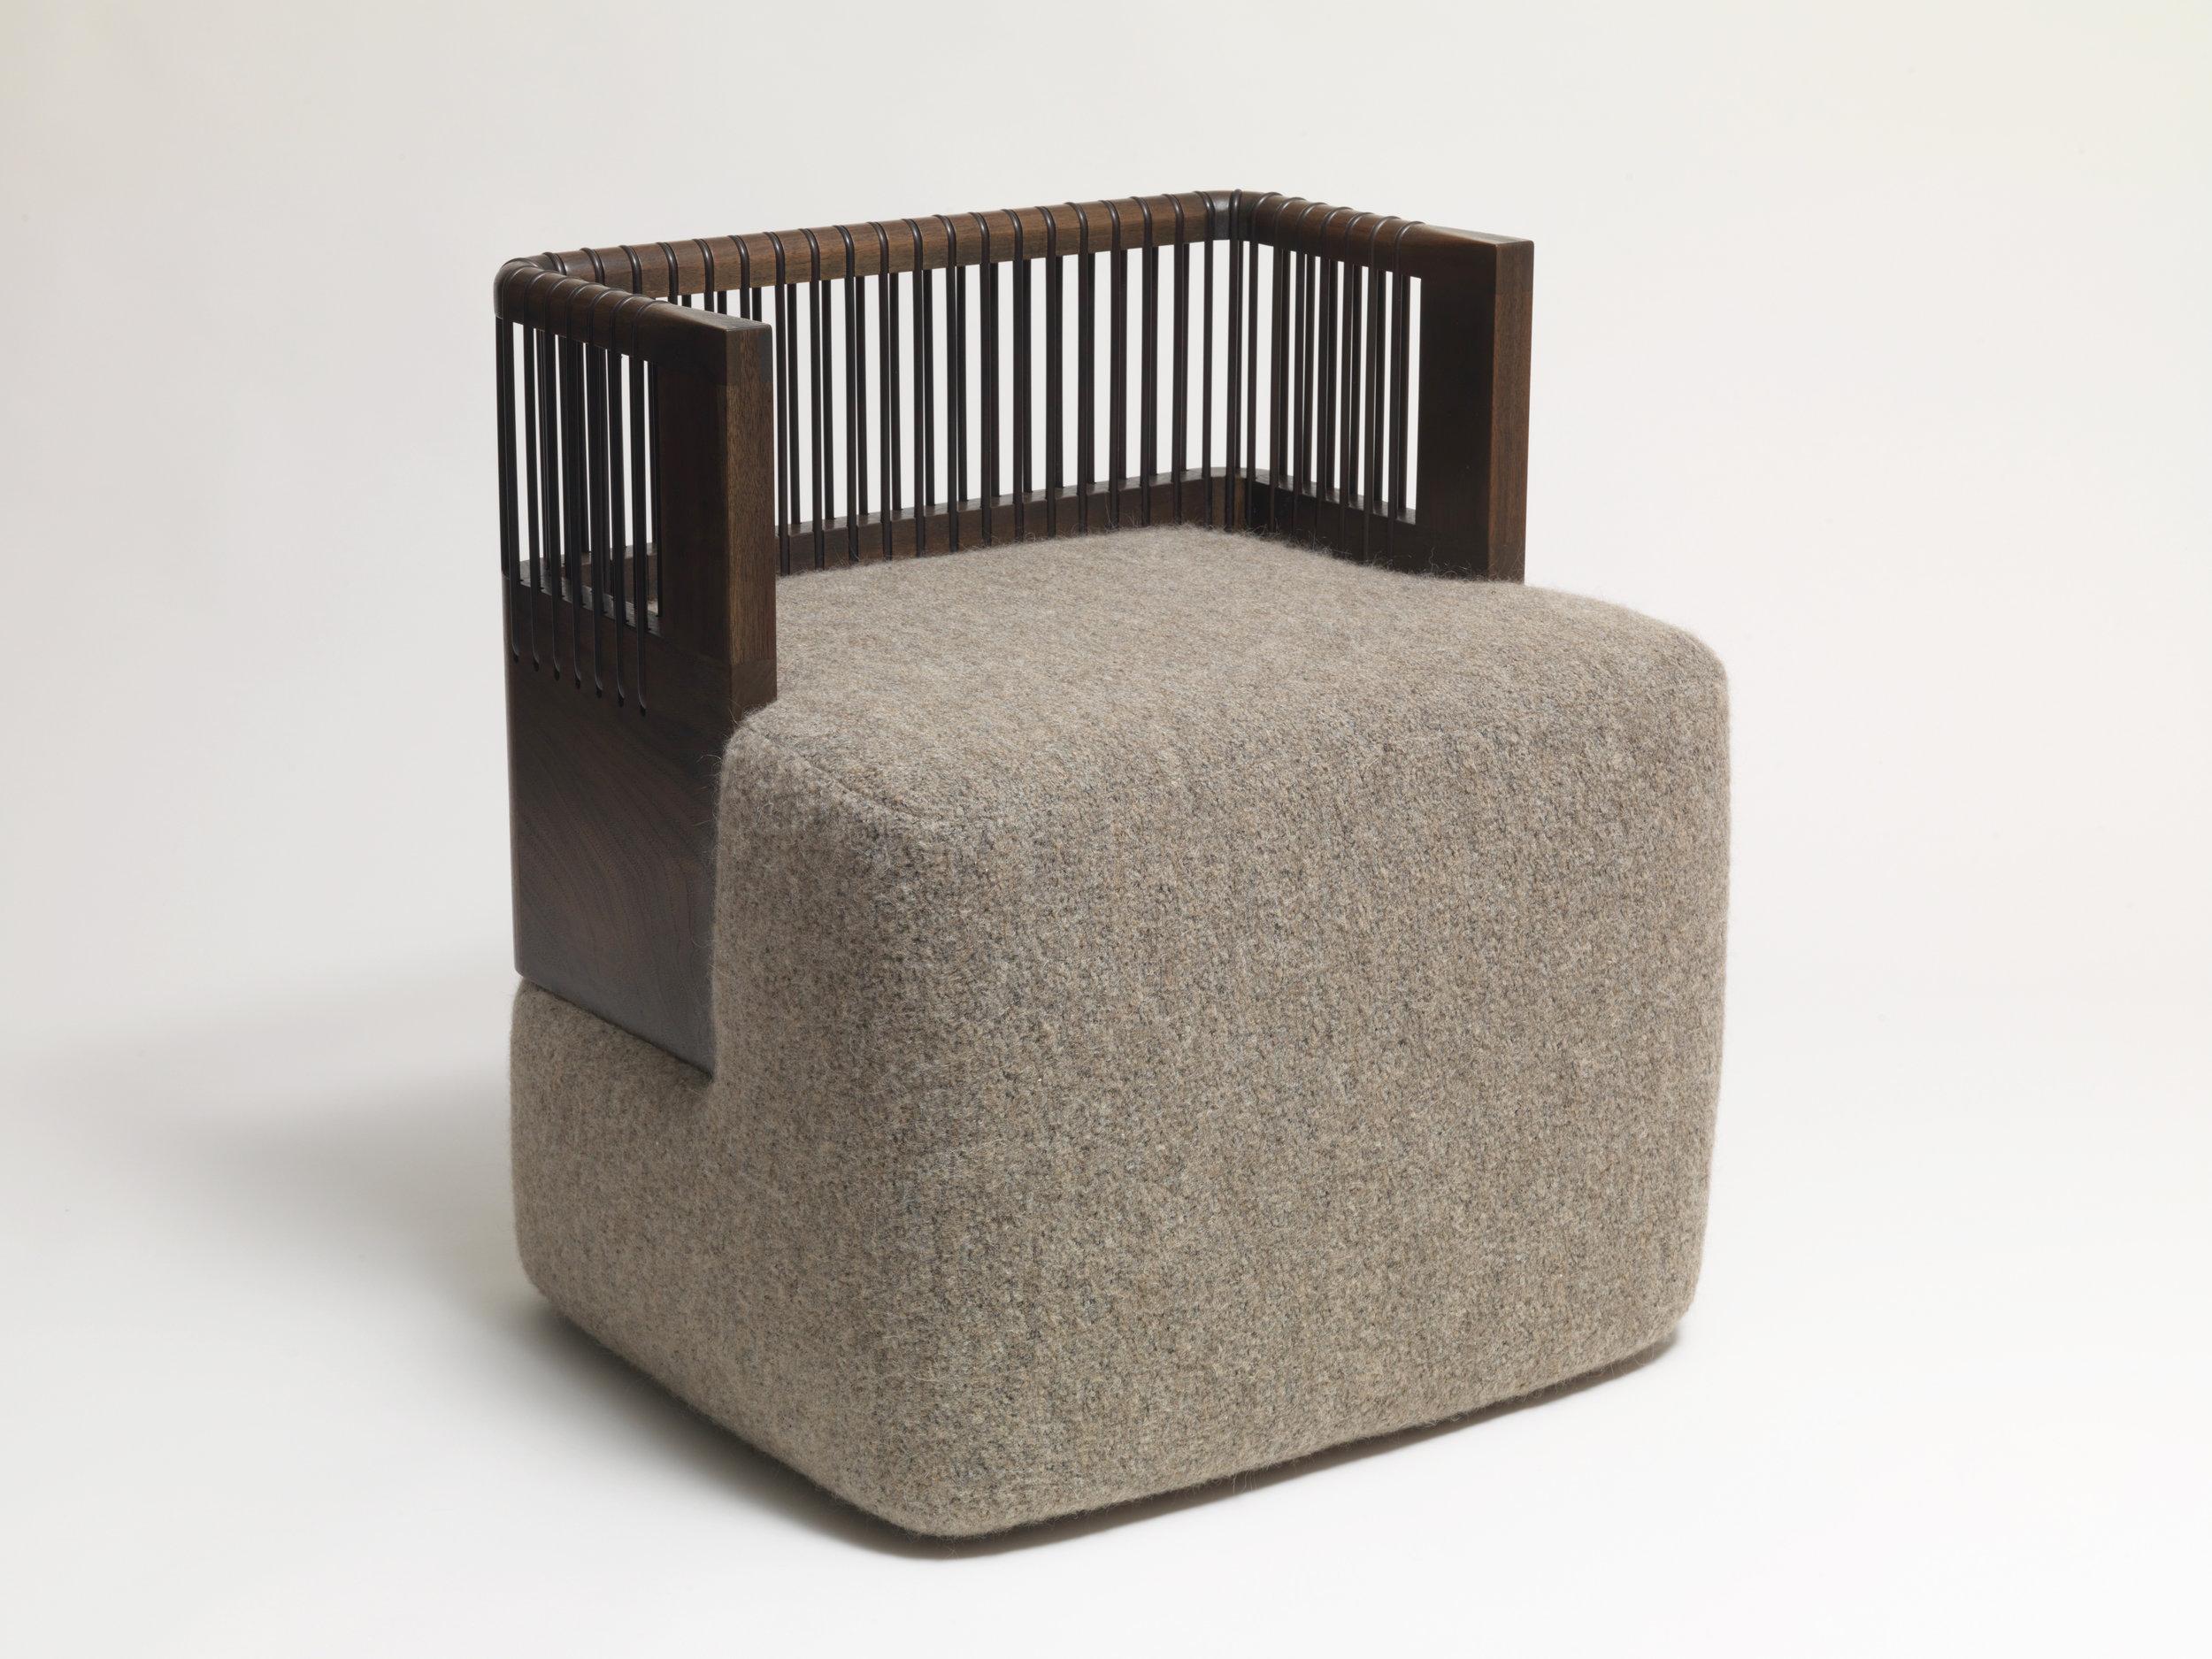 2019 BH Dudley chair_10014.jpg